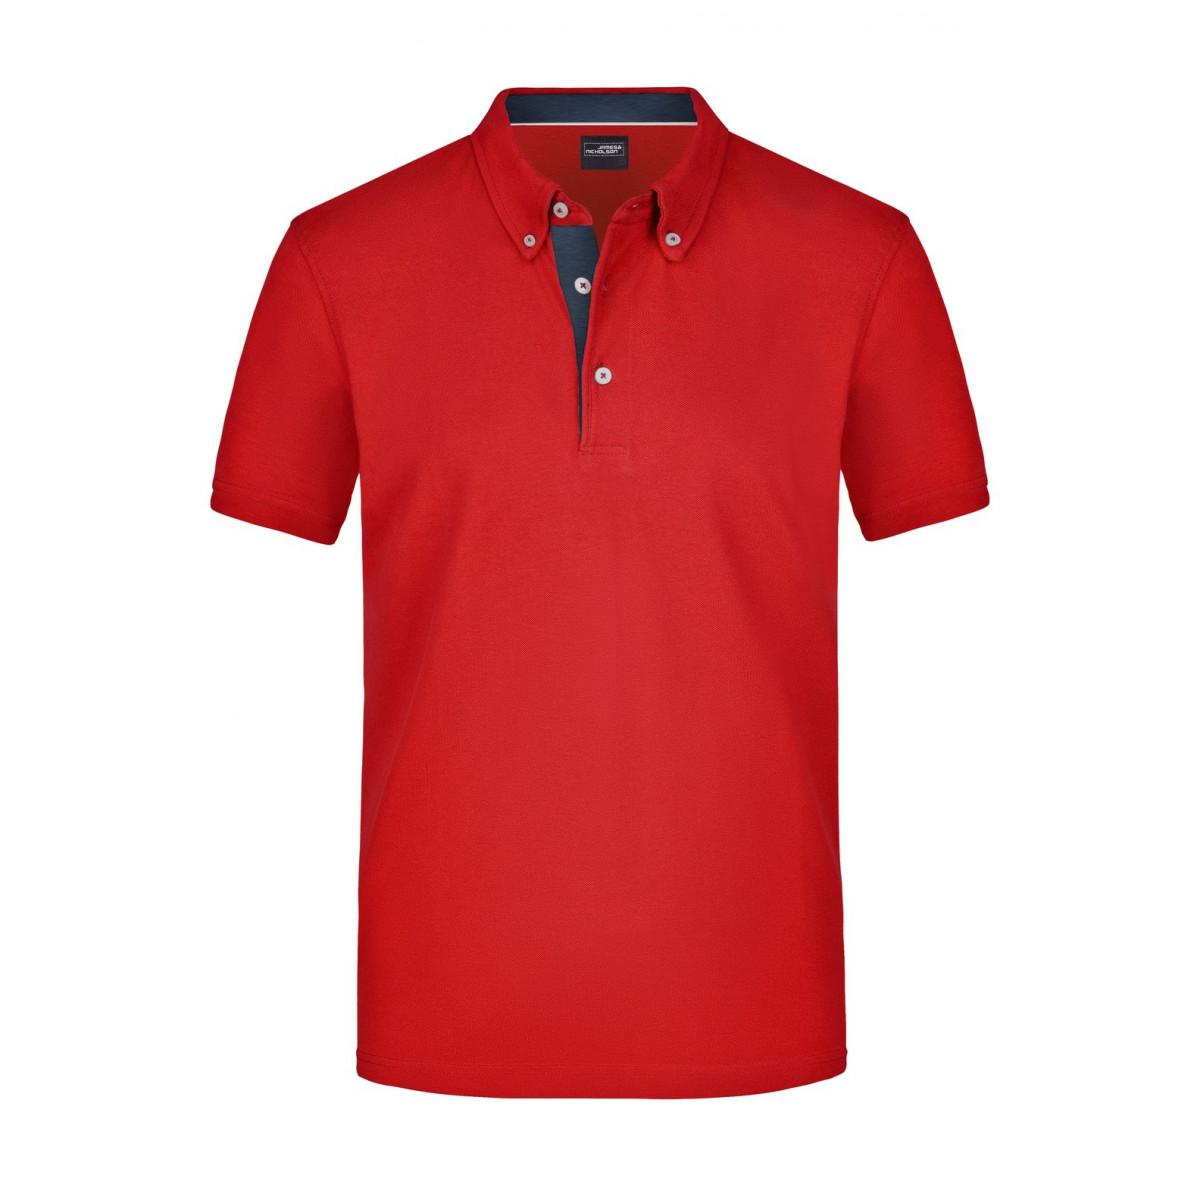 Рубашка поло мужская JN964 Mens Plain Polo - Красный/Джинс